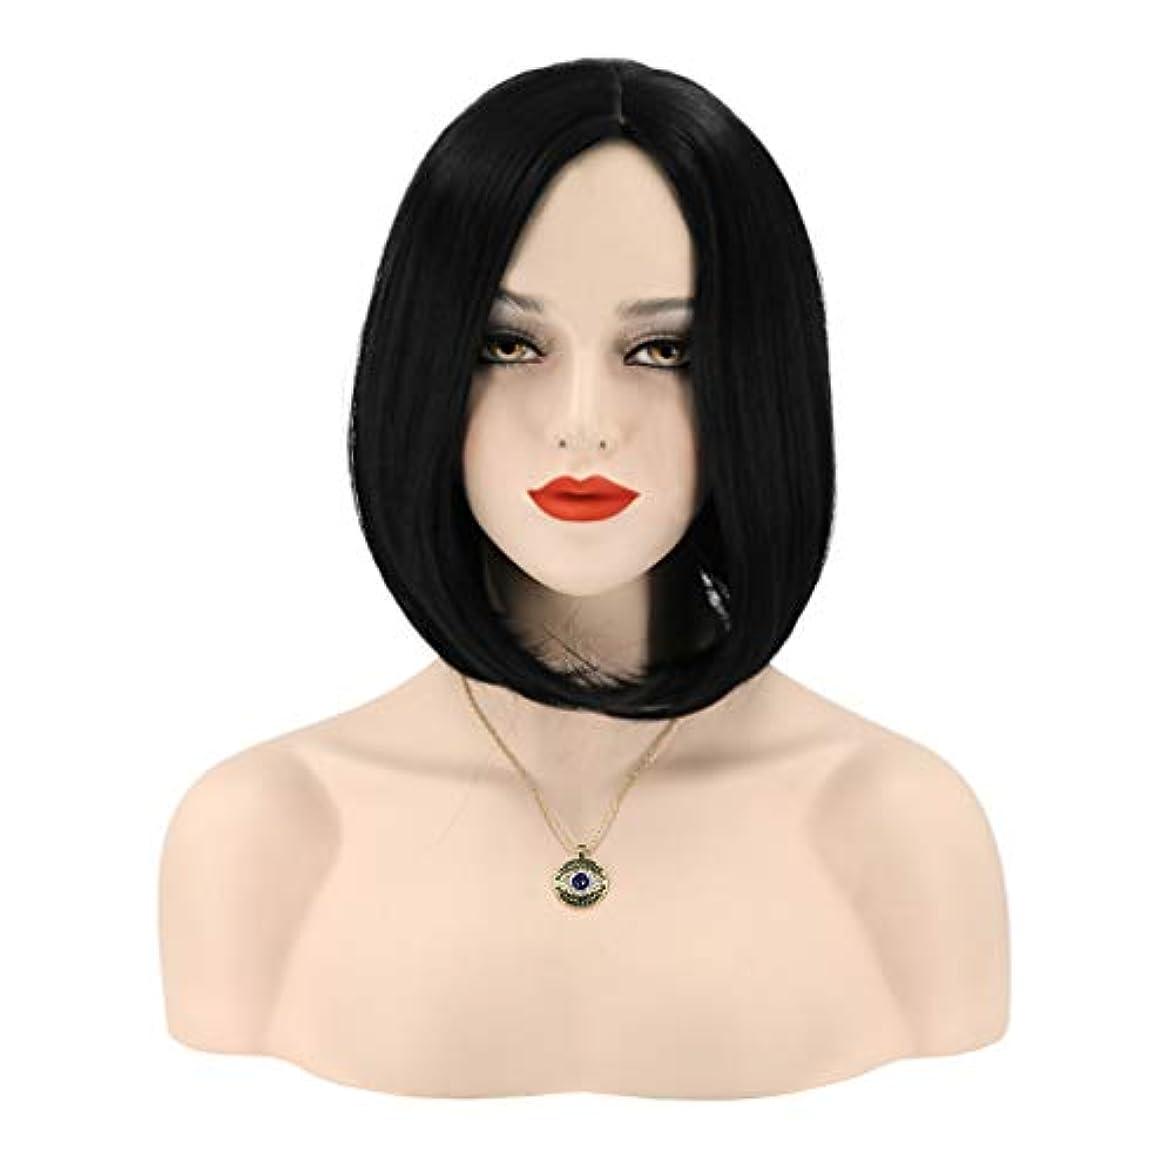 人柄健全知る女性かつらボブストレート人工毛ウィッグ耐熱繊維グルーレス髪用デイリーパーティー150%密度30cm